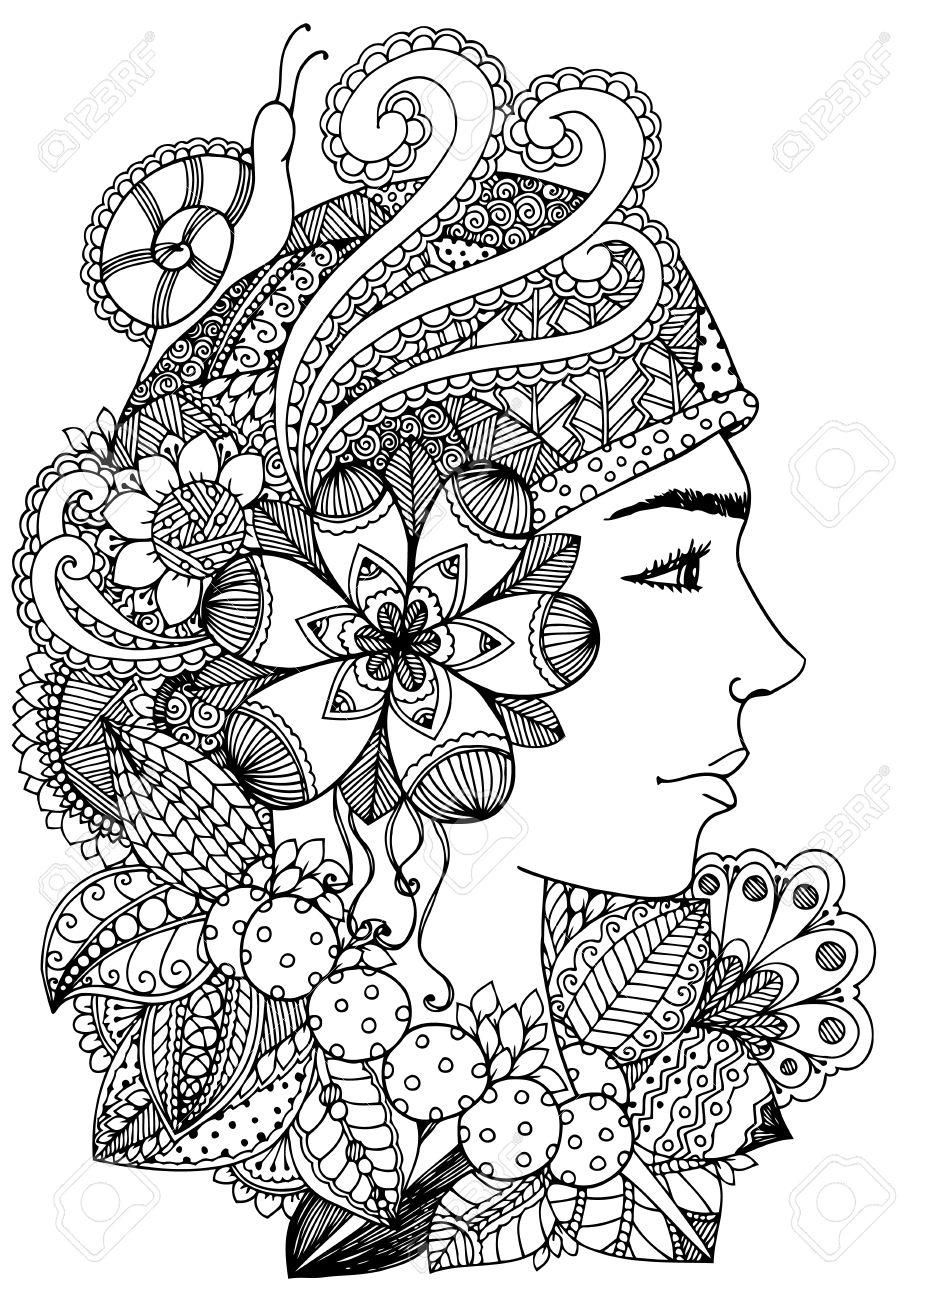 Dibujo Del Doodle. Ejercicio Meditativo. Libro Para Colorear Anti